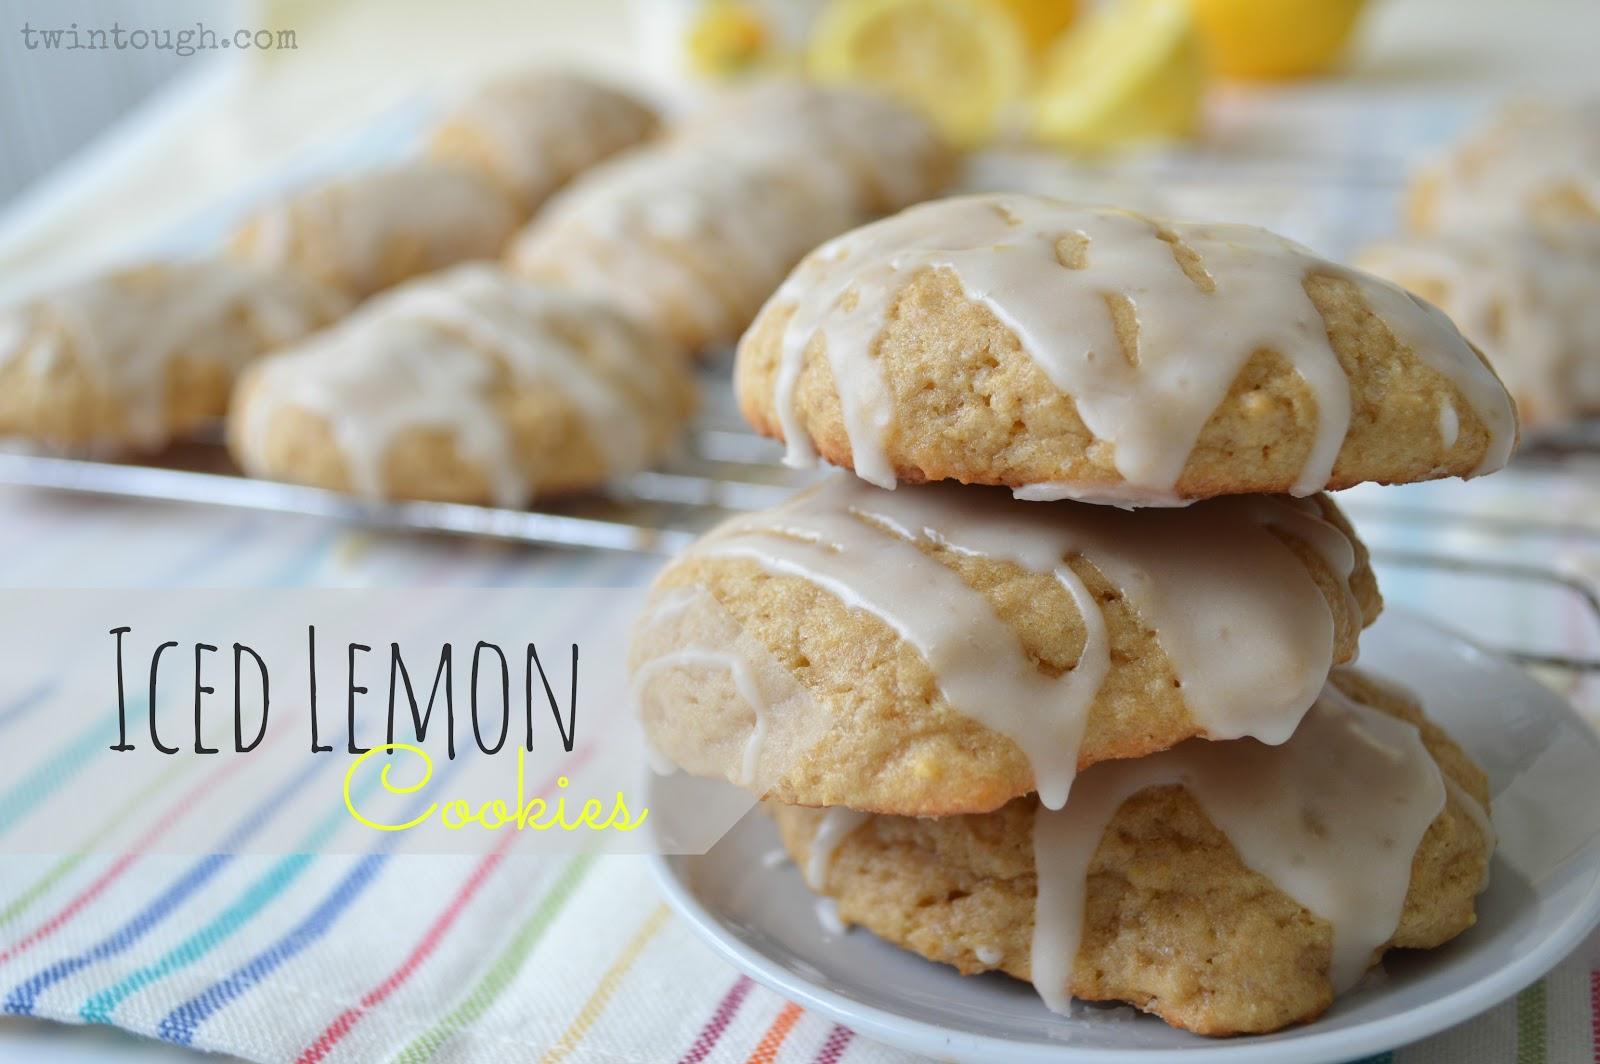 ... lemon cookies lemon olive oil cookies lemon shortbread cookies lemon